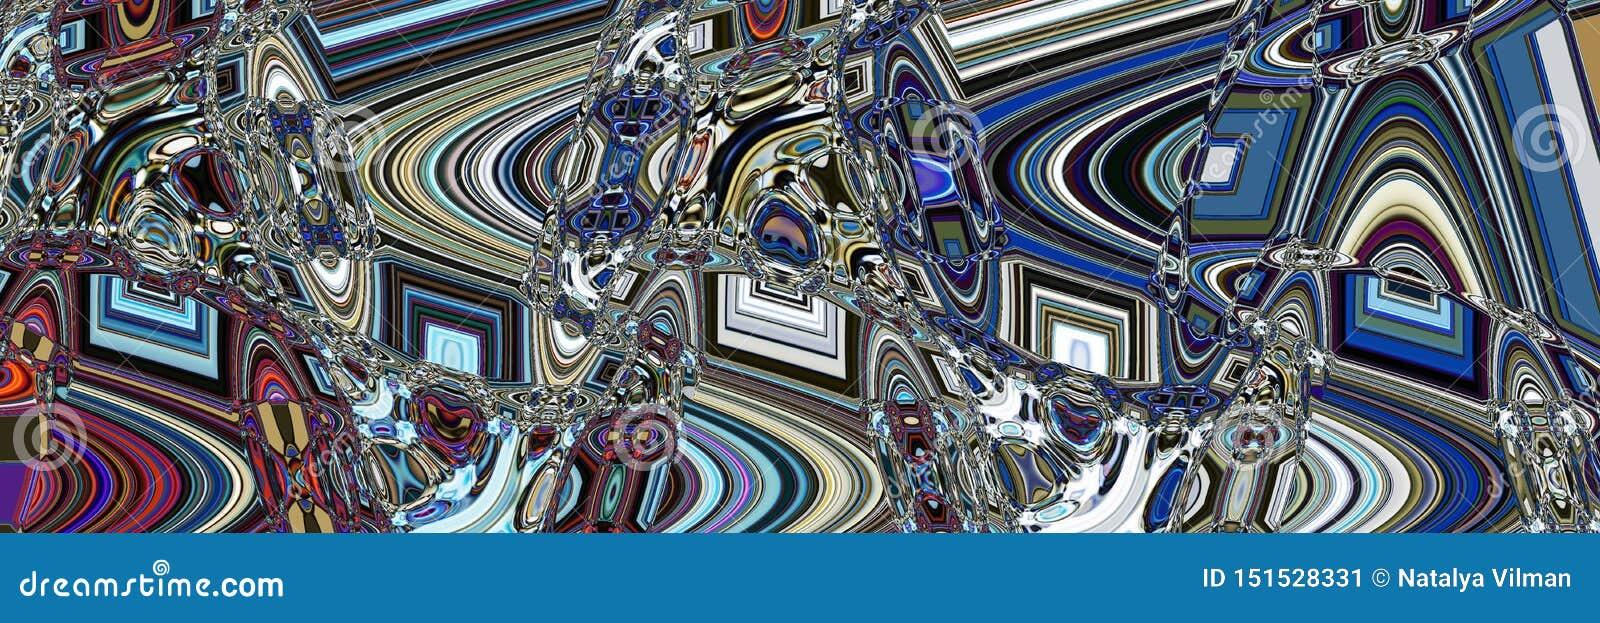 Futuristische abstracte panoramische achtergrond